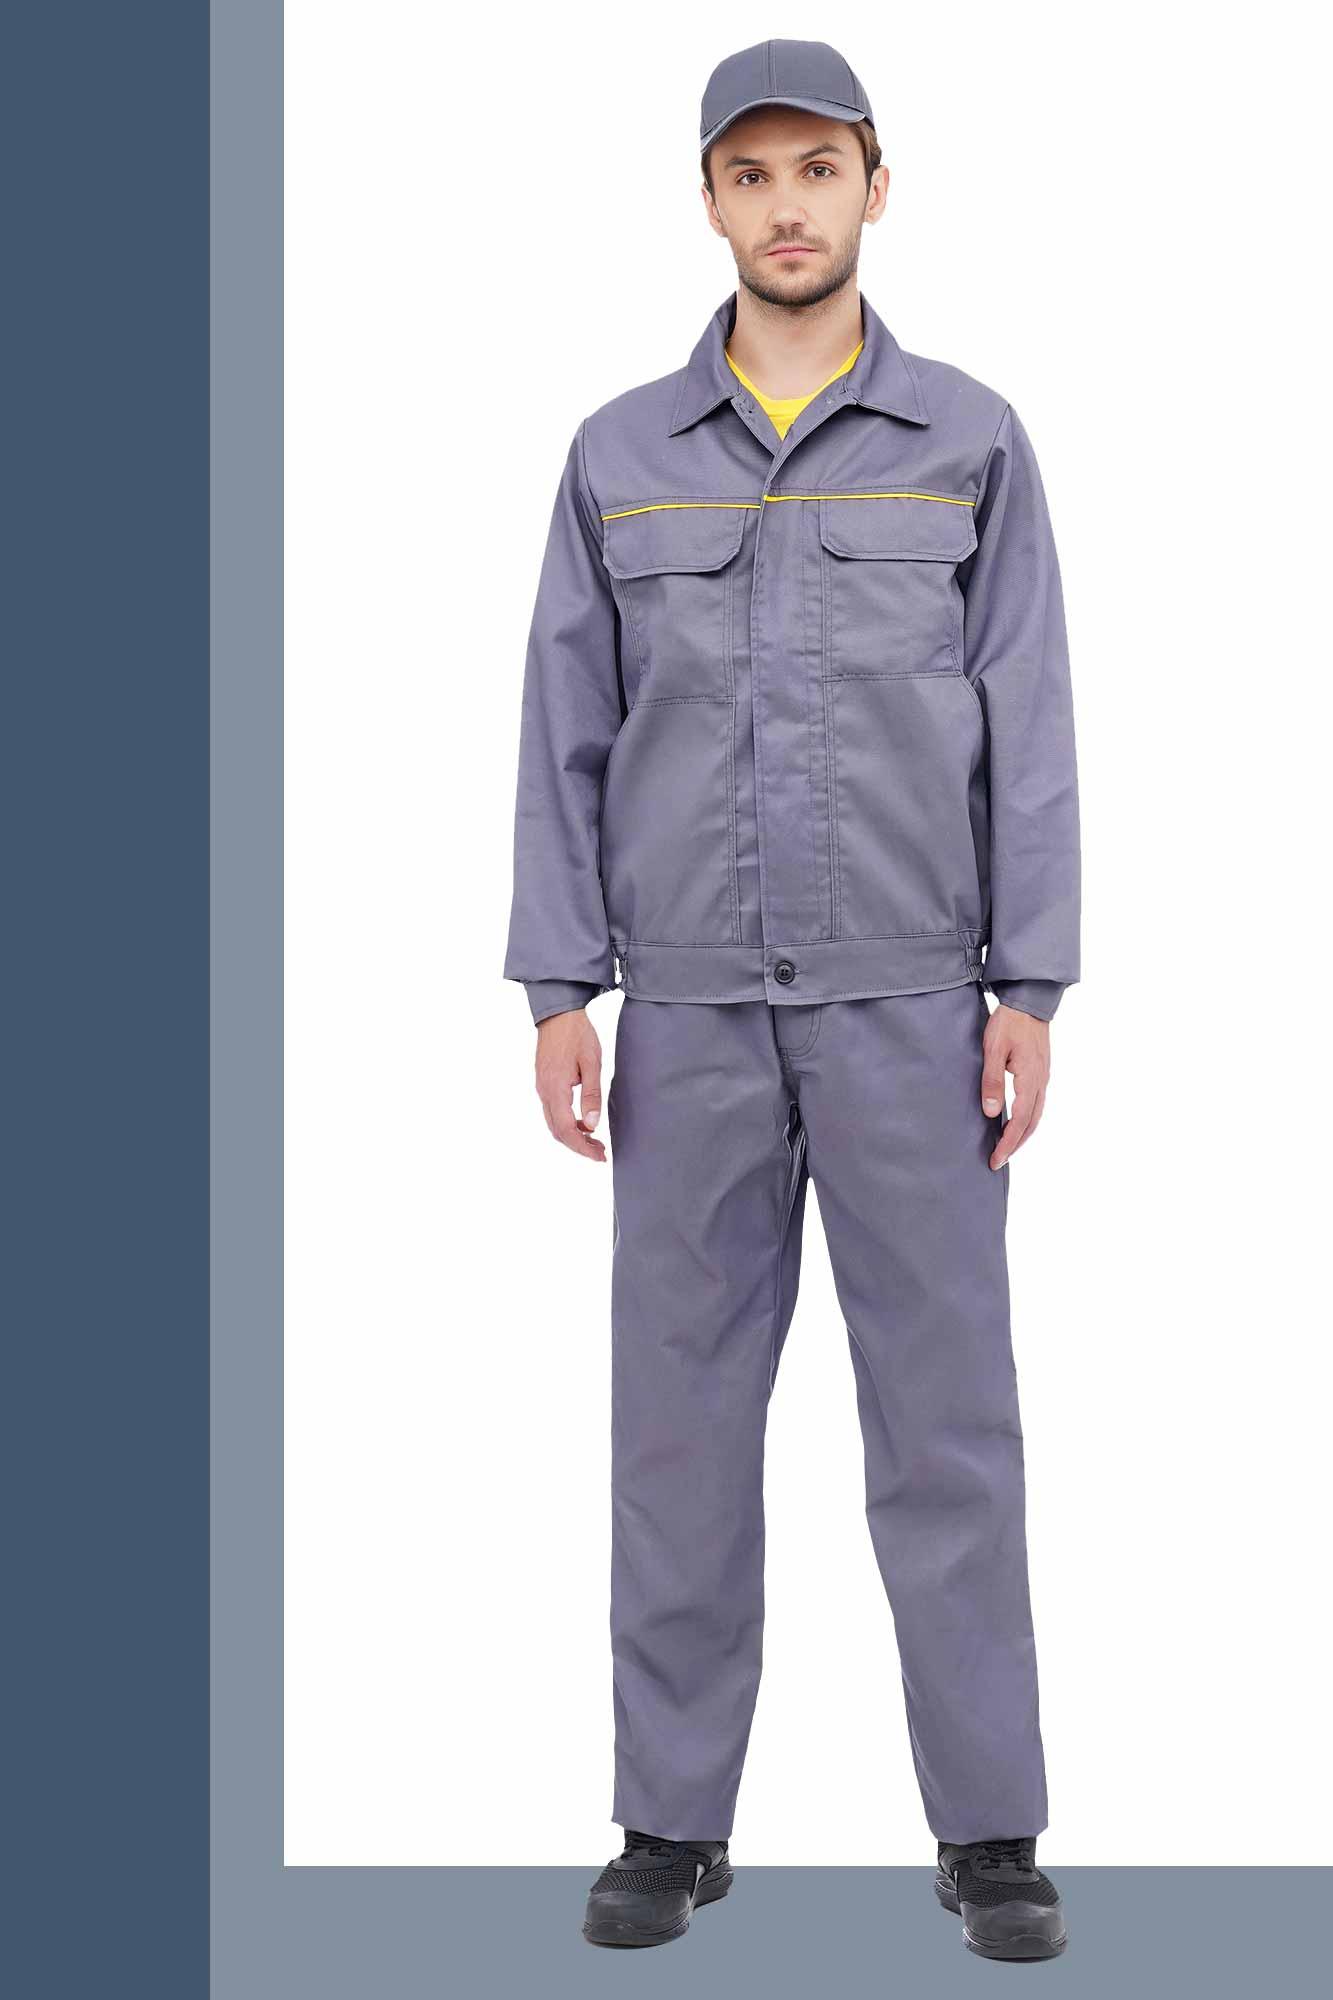 ЄВРОКОСТЮМ УНІВЕРСАЛ (куртка та брюки)